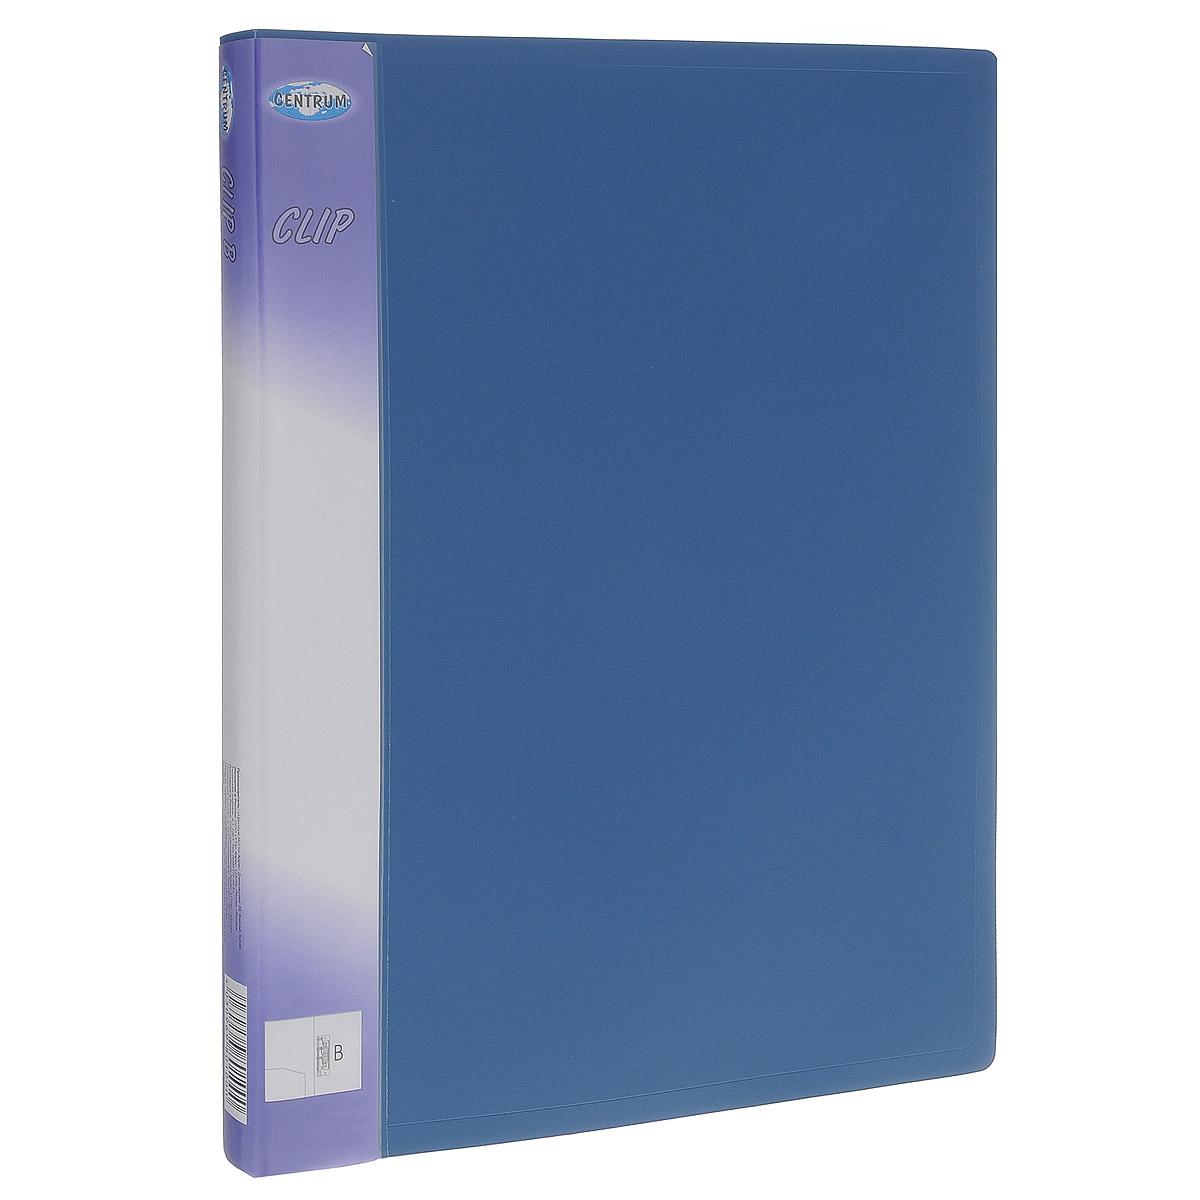 Папка с боковым зажимом Centrum Clip, цвет: синий. Формат А431012Папка с боковым зажимом Centrum Clip - это удобный и практичный офисный инструмент,предназначенный для хранения и транспортировки рабочих бумаг и документов формата А4.Папка изготовлена из прочного пластика и оснащена металлическим зажимом и внутренним прозрачным кармашком.Папка с боковым зажимом - это незаменимый атрибут для студента, школьника, офисного работника. Такая папка надежно сохранит ваши документы и сбережет их от повреждений, пыли и влаги.